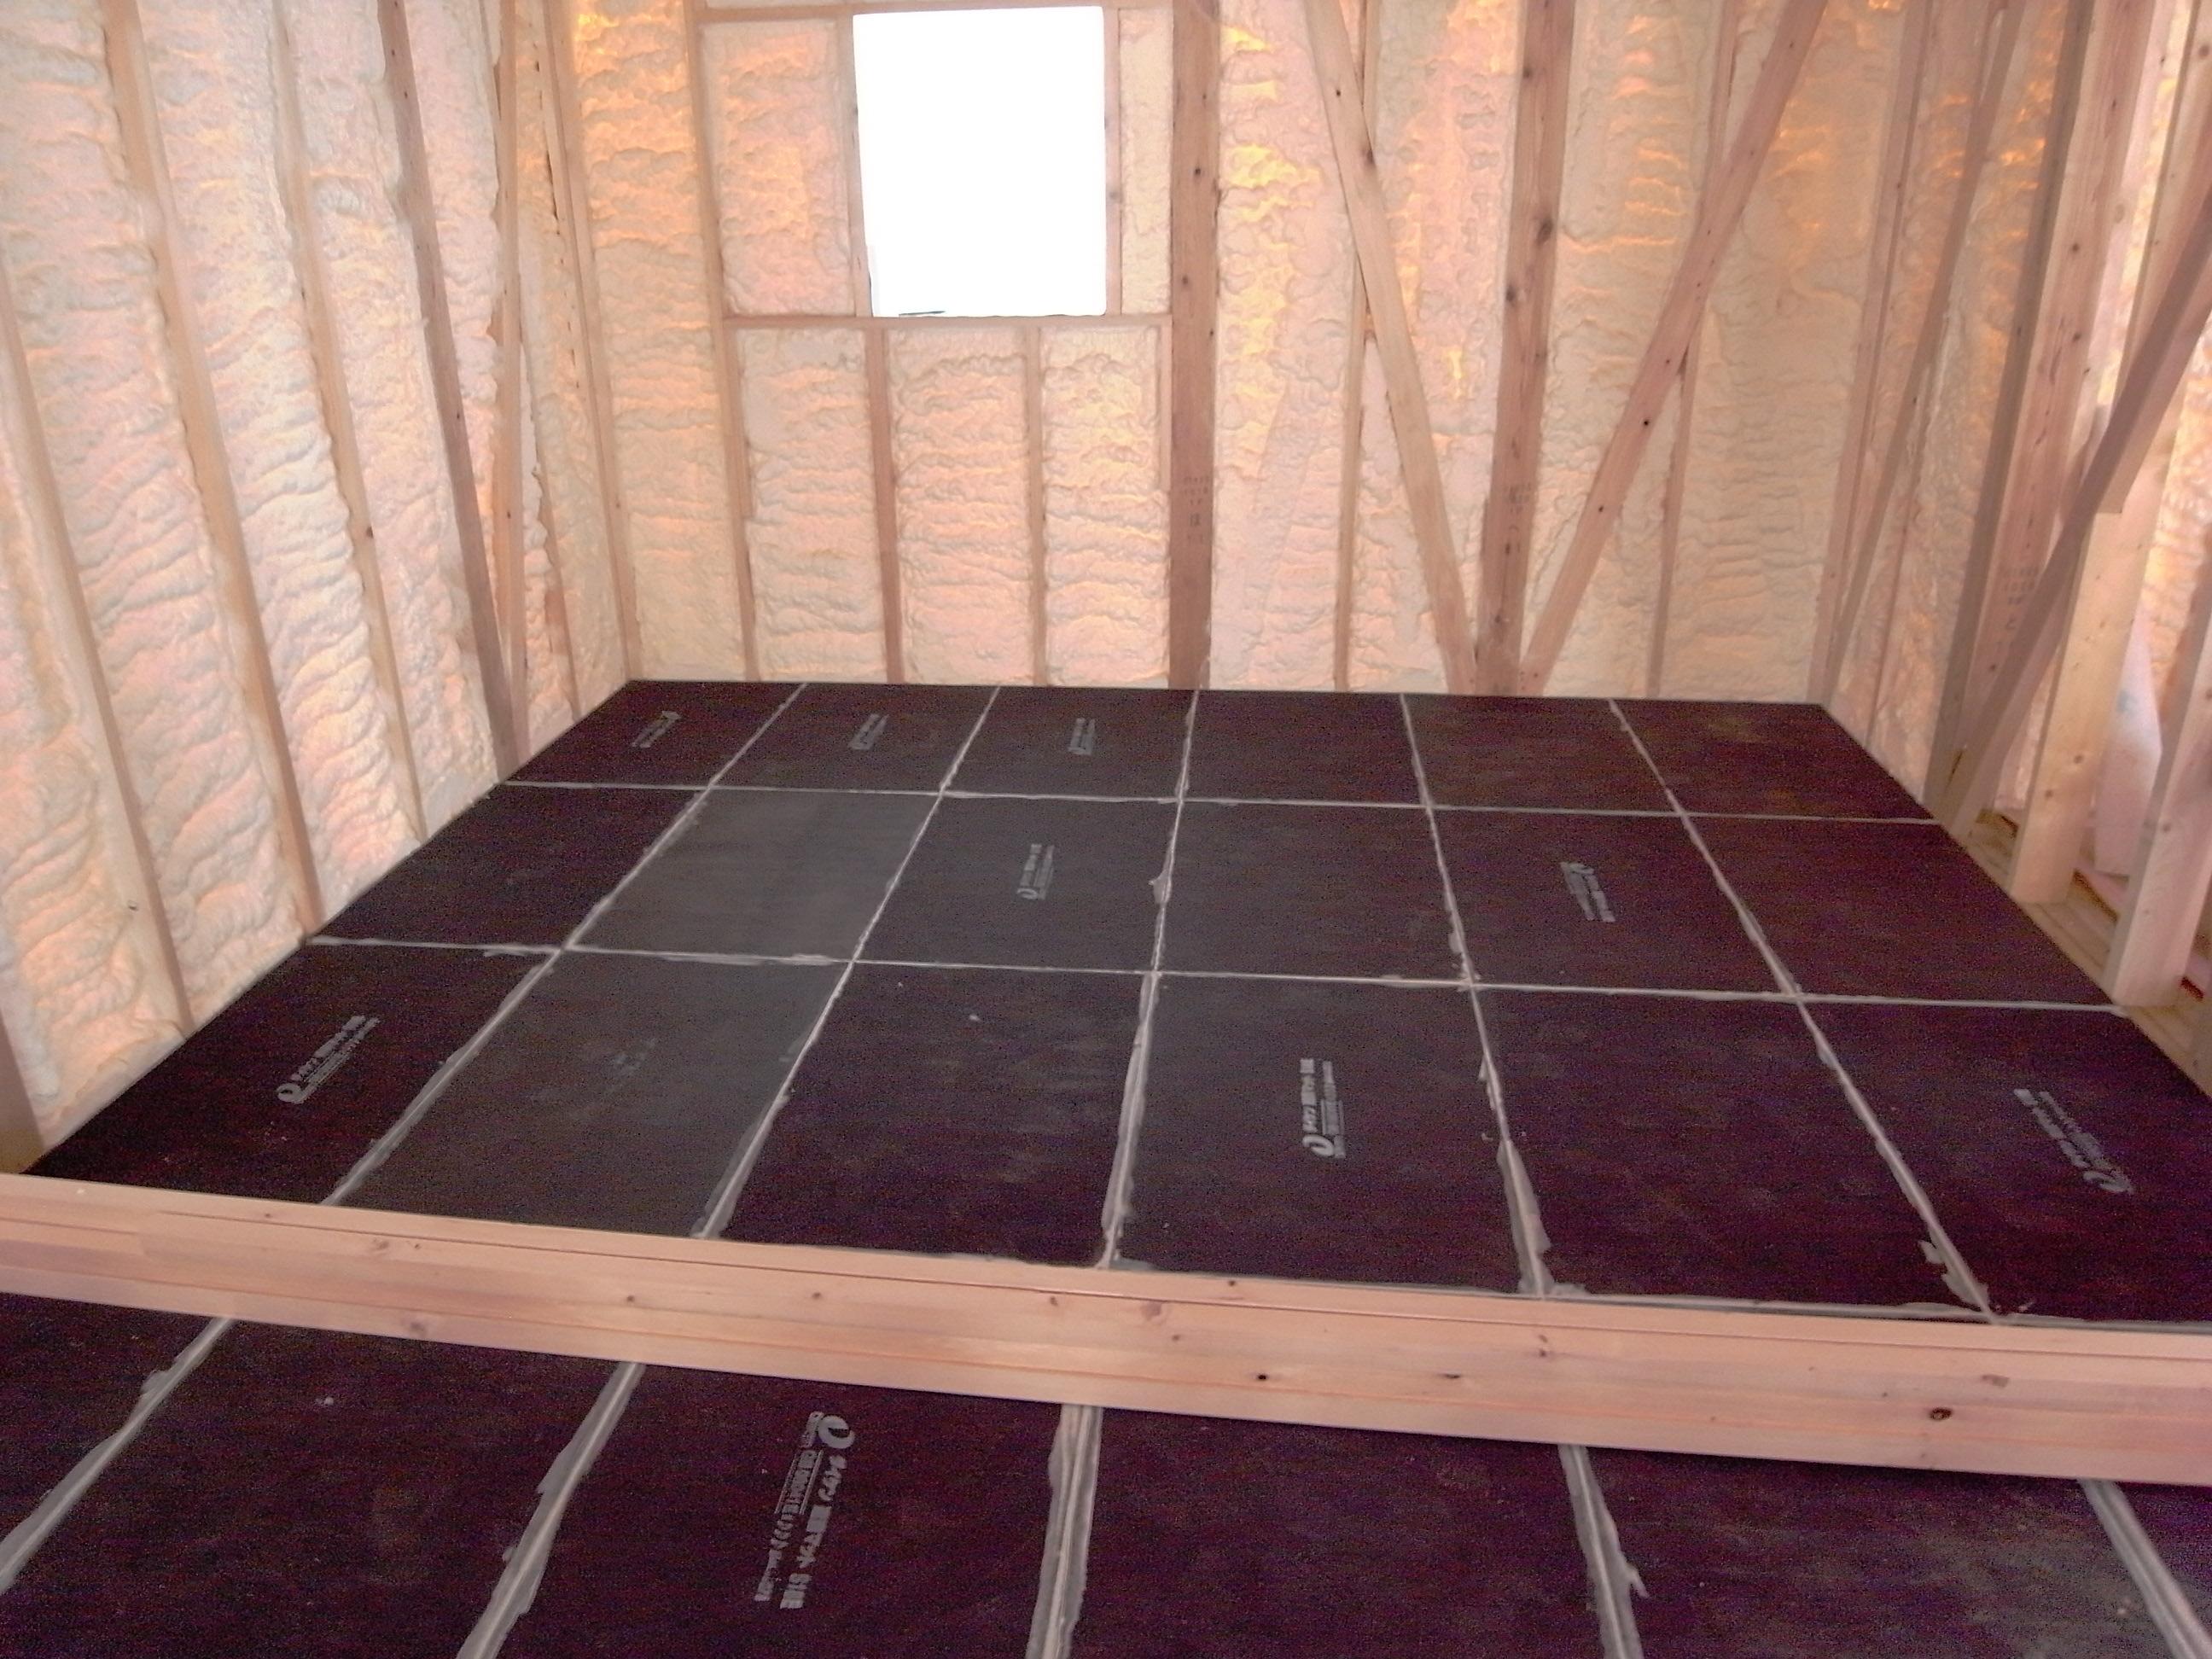 シアタールームの床下地3層目遮音マット敷きと気密遮音コーキング完了